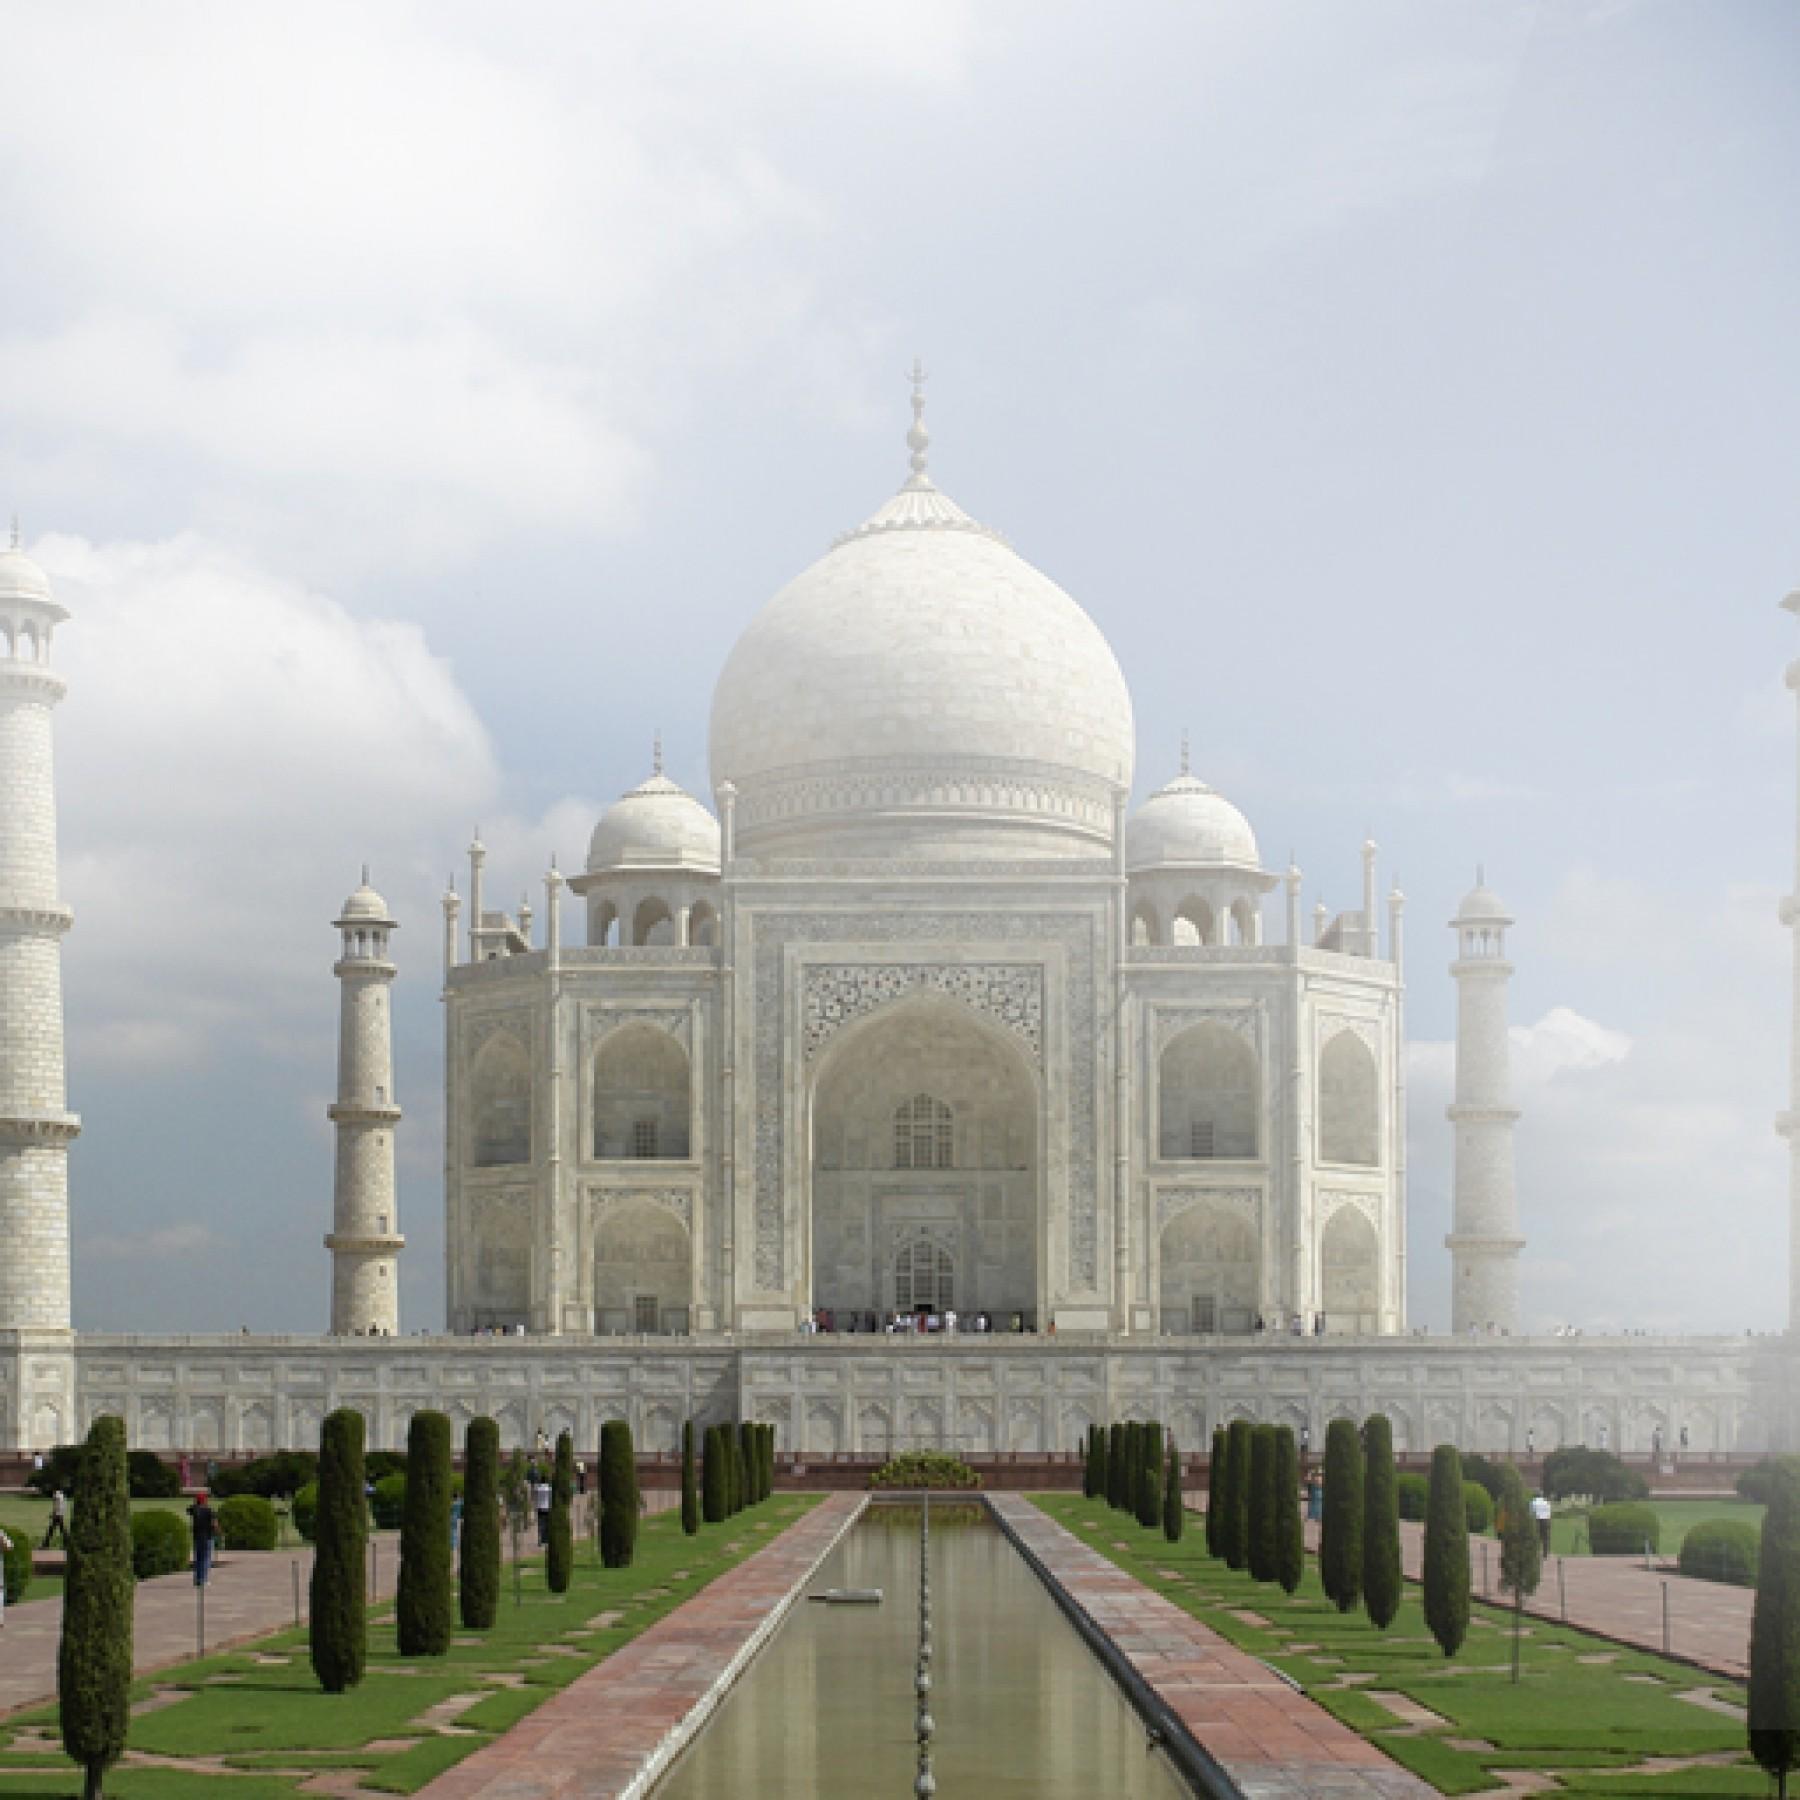 taj-mahal-travel-adults-main-location1